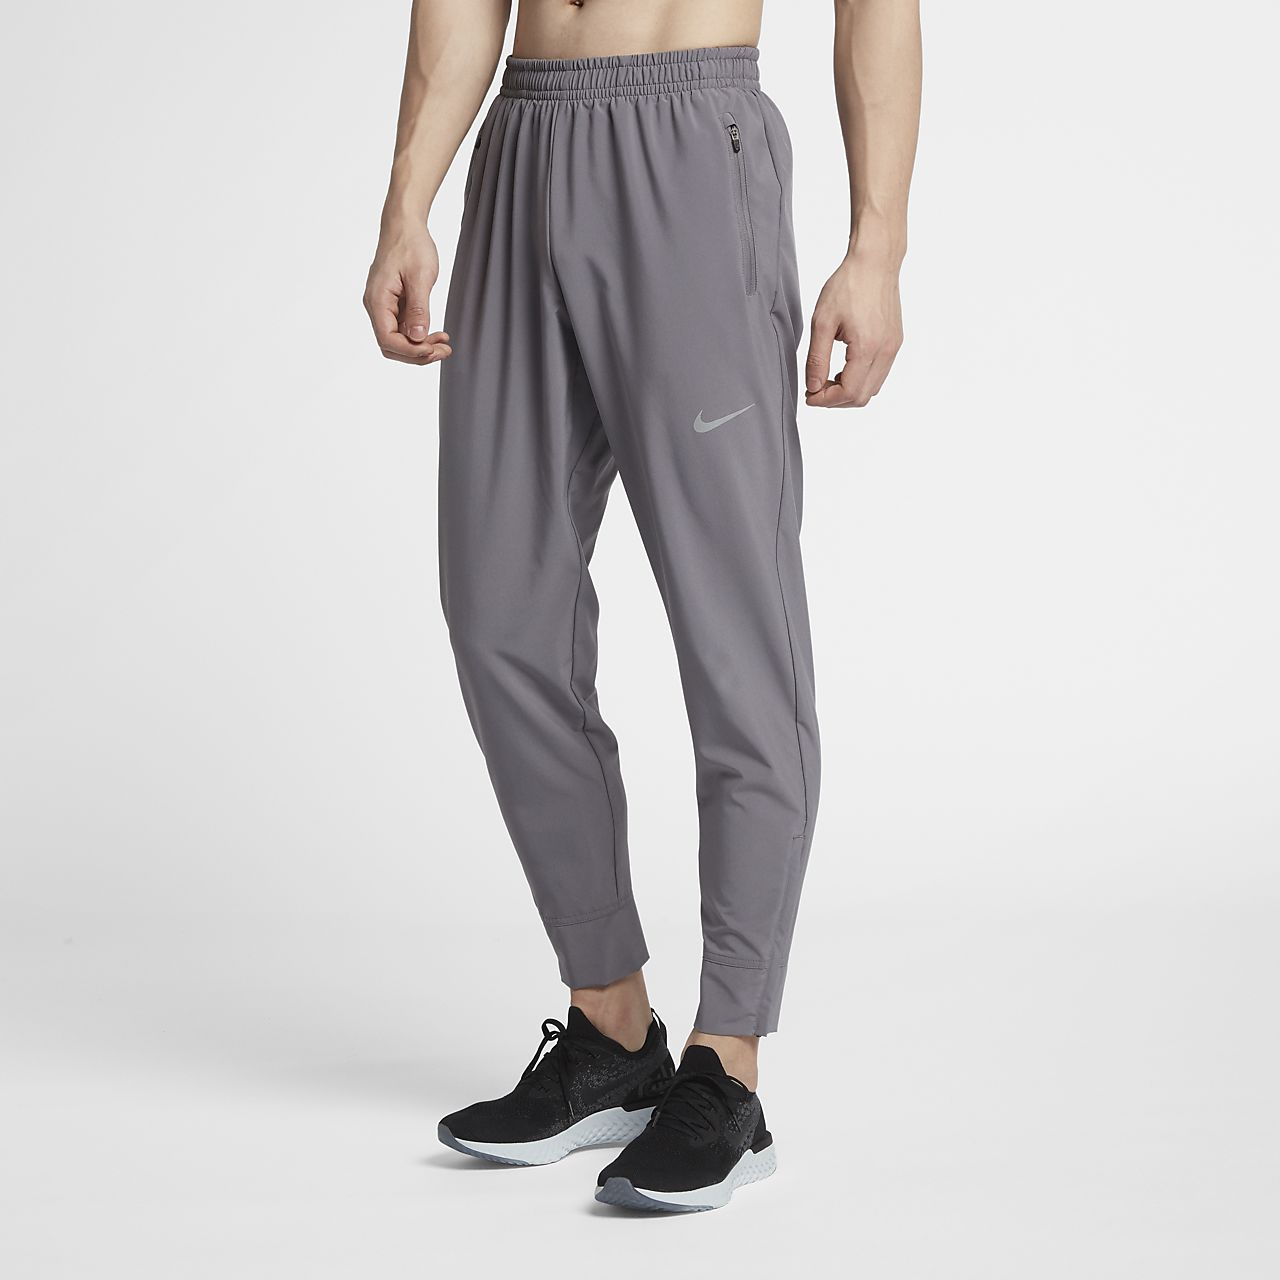 Nike Essential 男子梭织跑步长裤